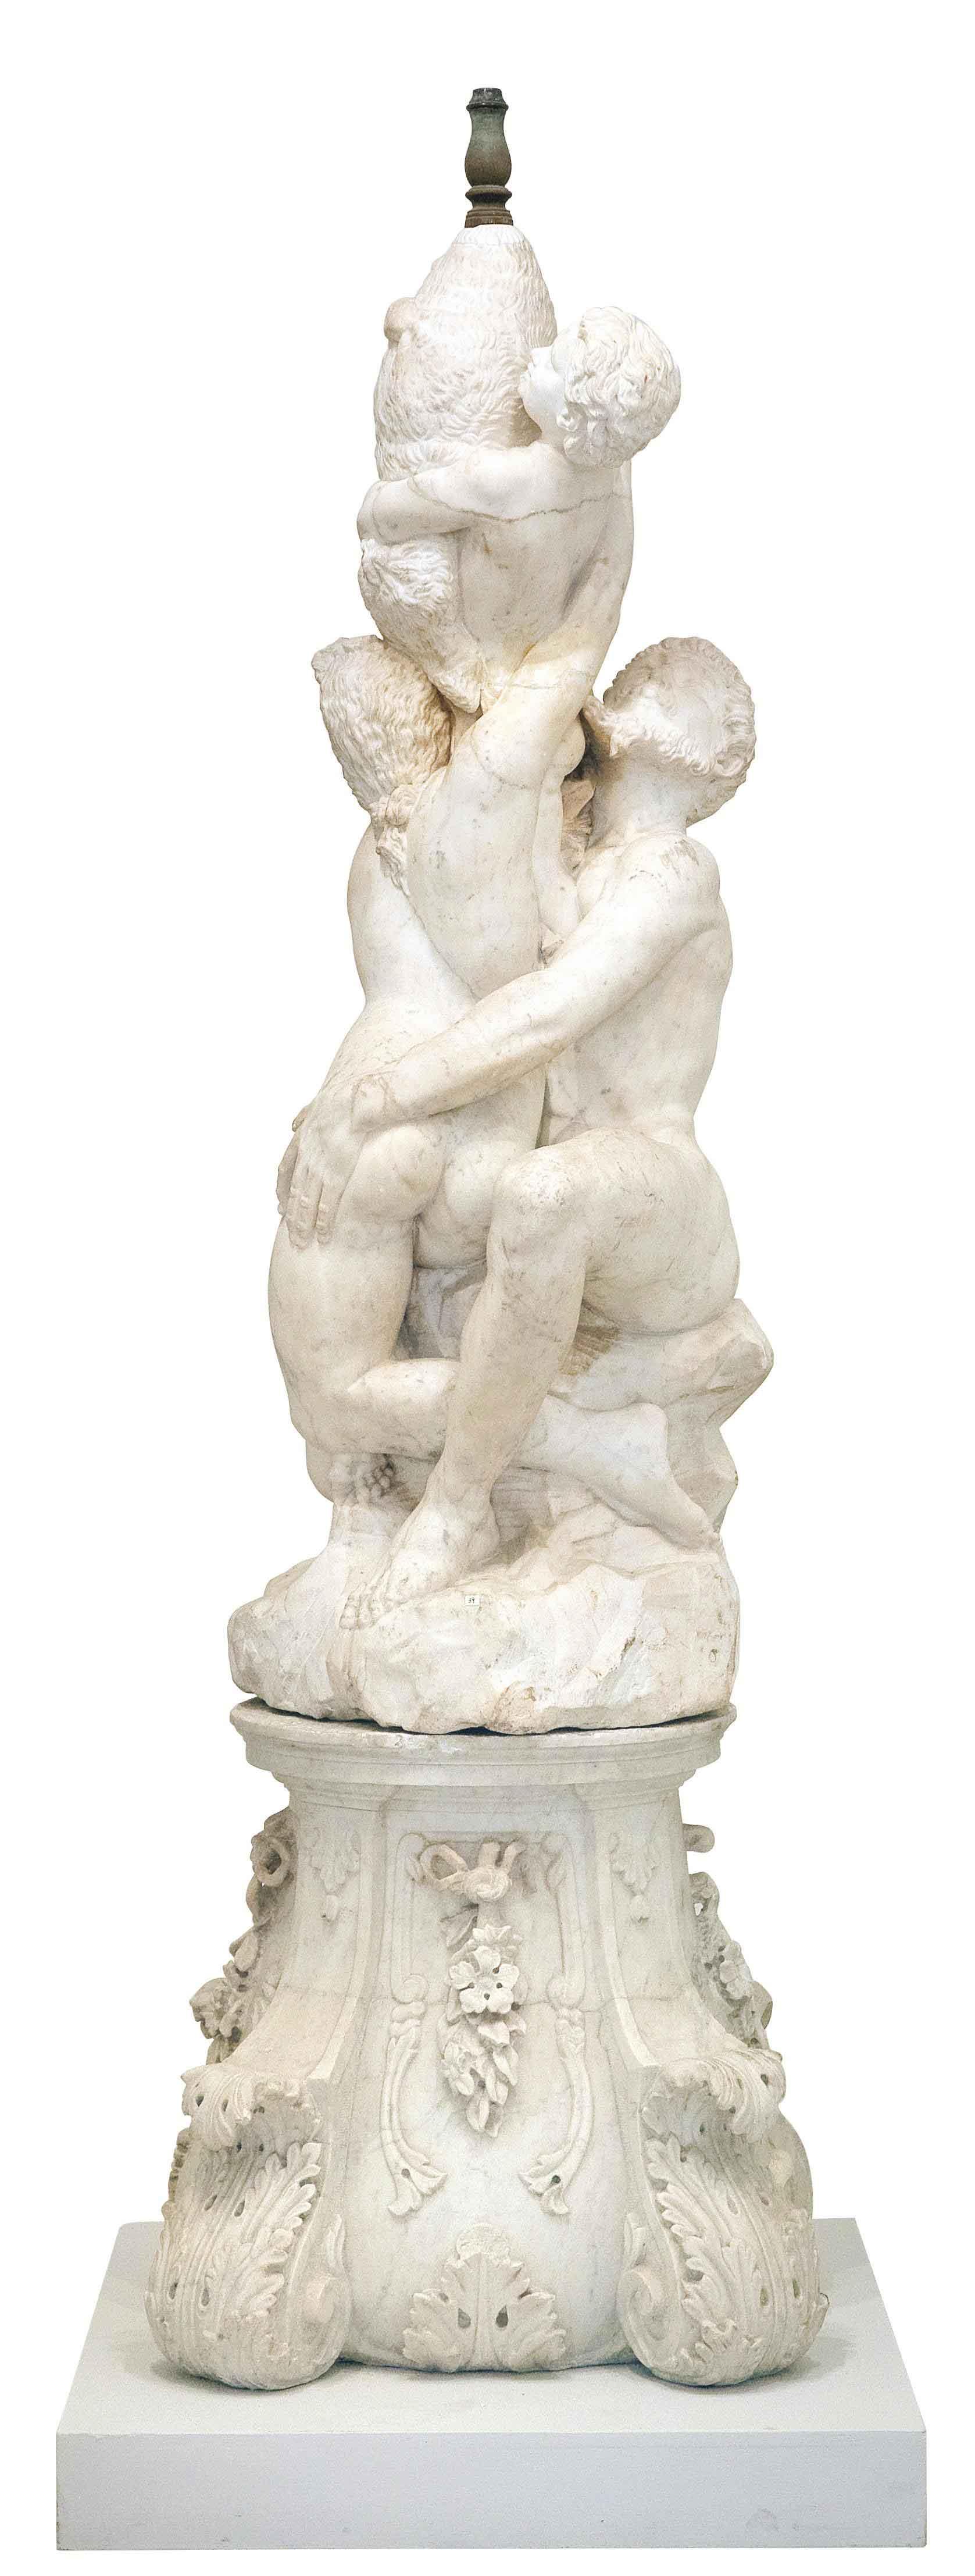 Lot 201: Museale Marmorgruppe, Balthasar Permoser (1651 - 1732) zugeschrieben, € 50.000 – 60.000